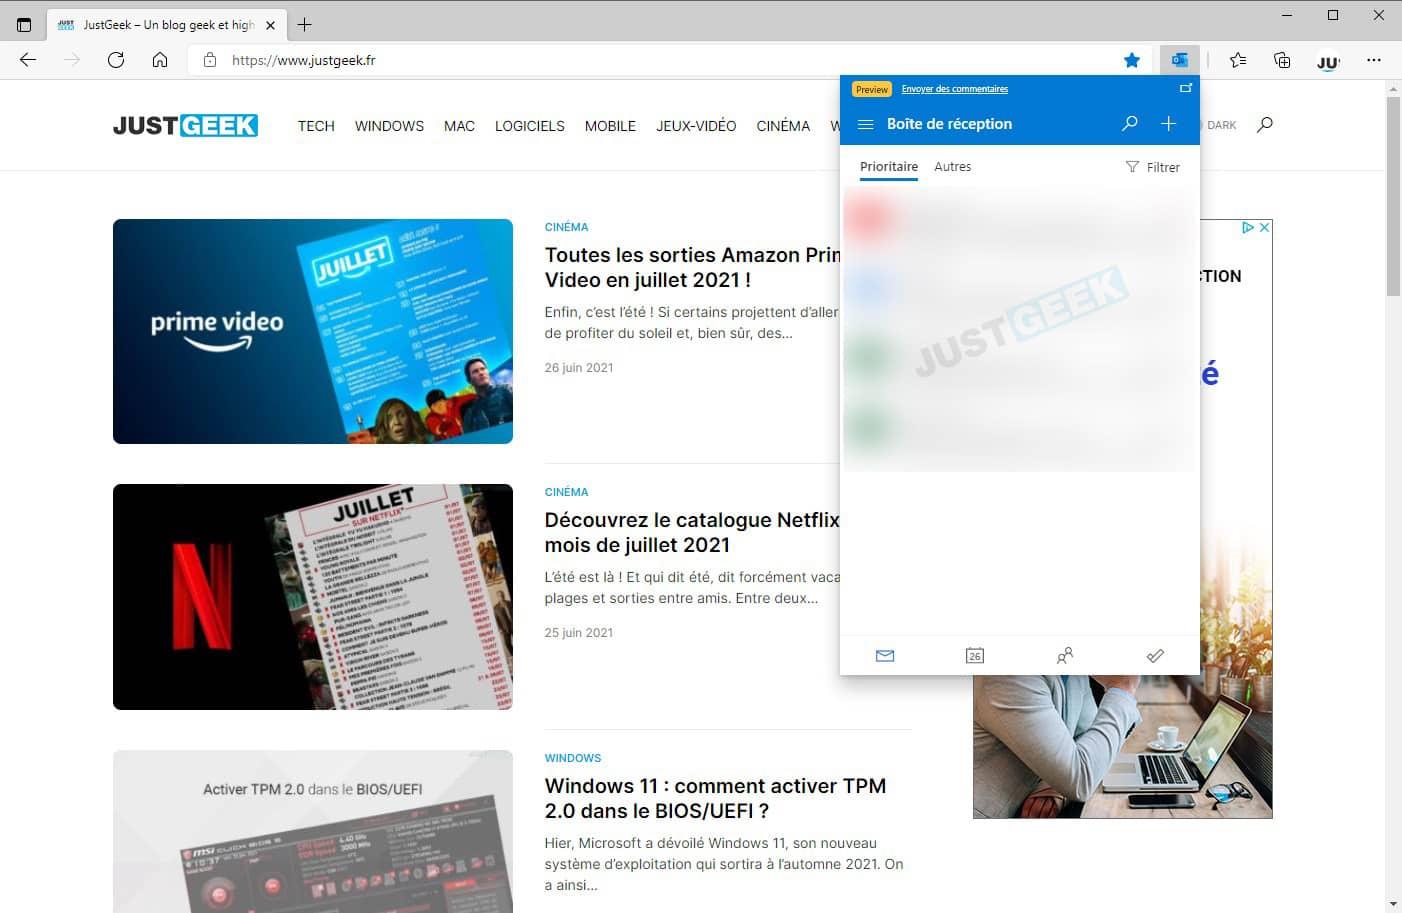 Interface de l'extension Microsoft Outlook pour Edge